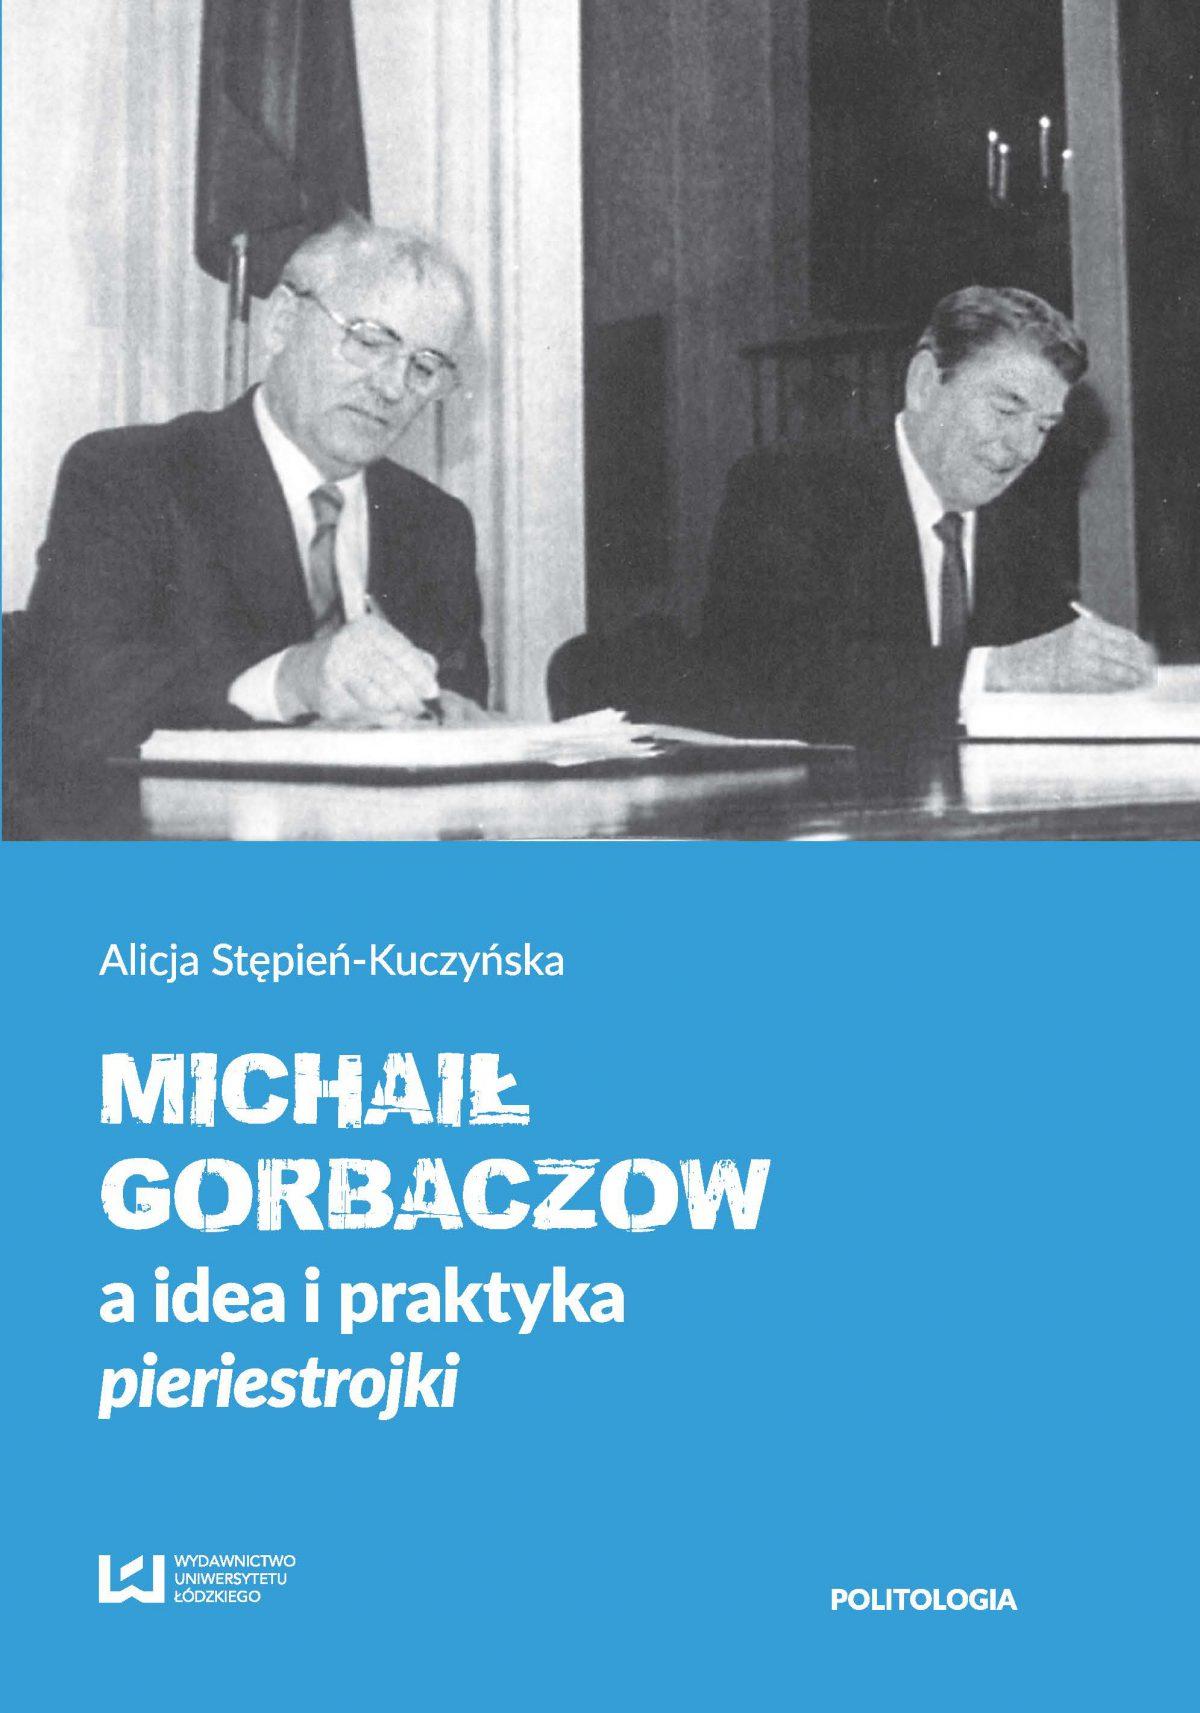 Michaił Gorbaczow a idea i praktyka pieriestrojki - Ebook (Książka PDF) do pobrania w formacie PDF